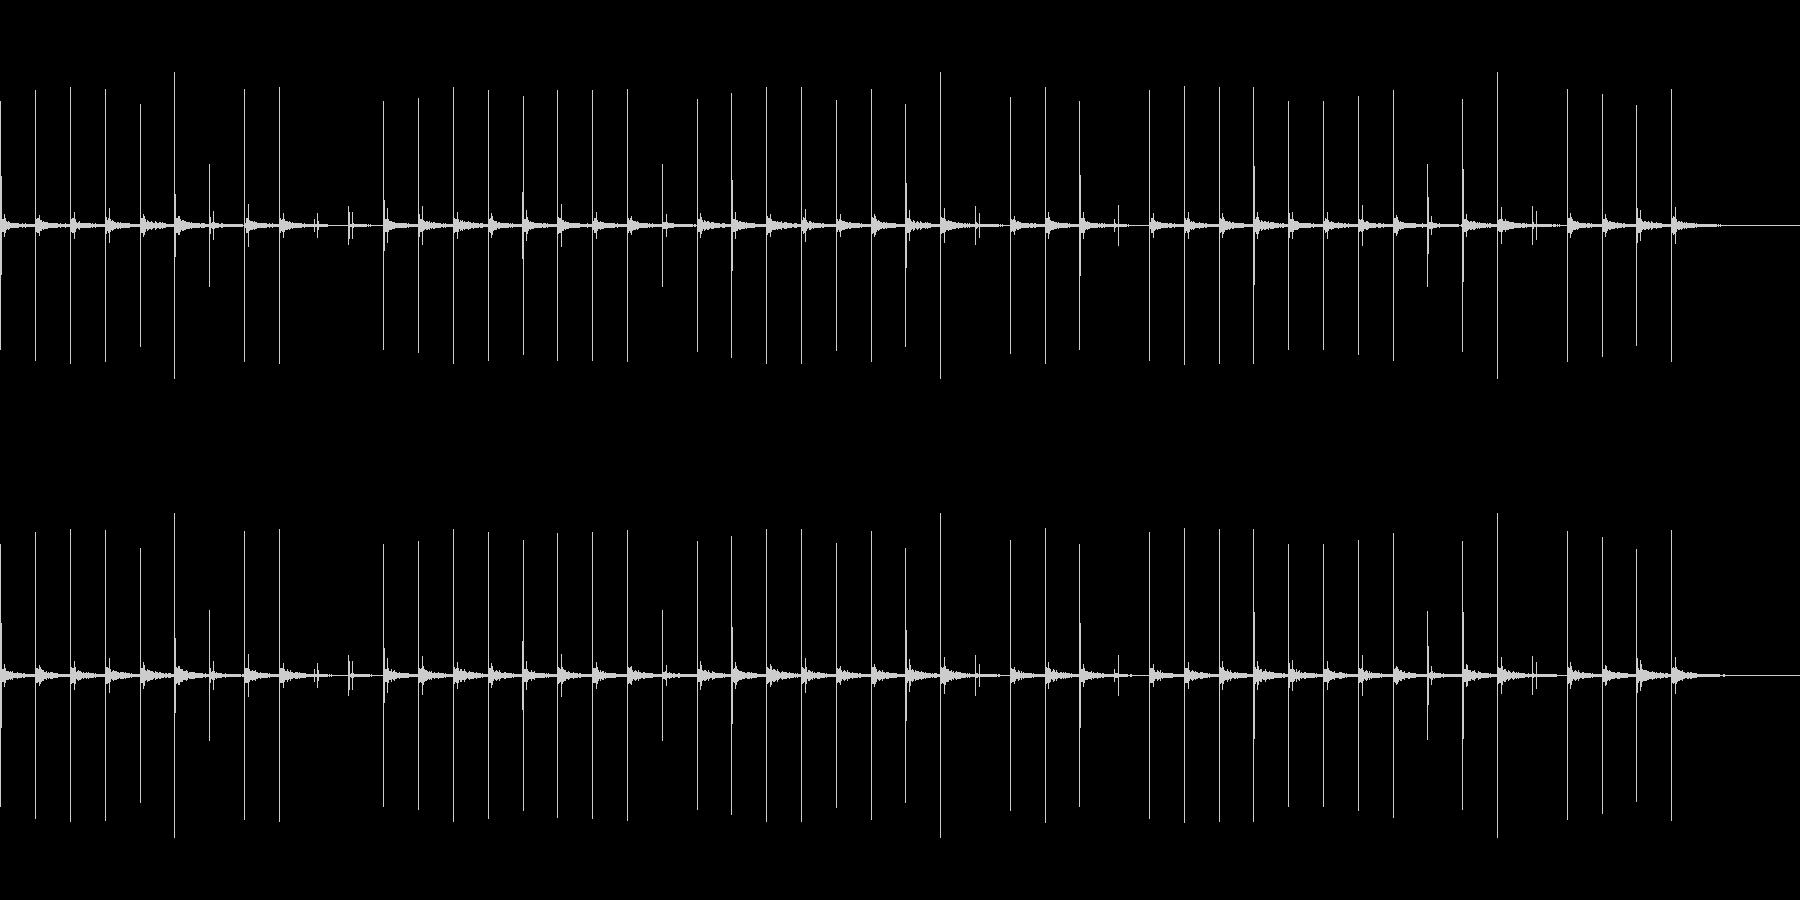 反響音のある、ハイヒールでゆっくり歩く音の未再生の波形